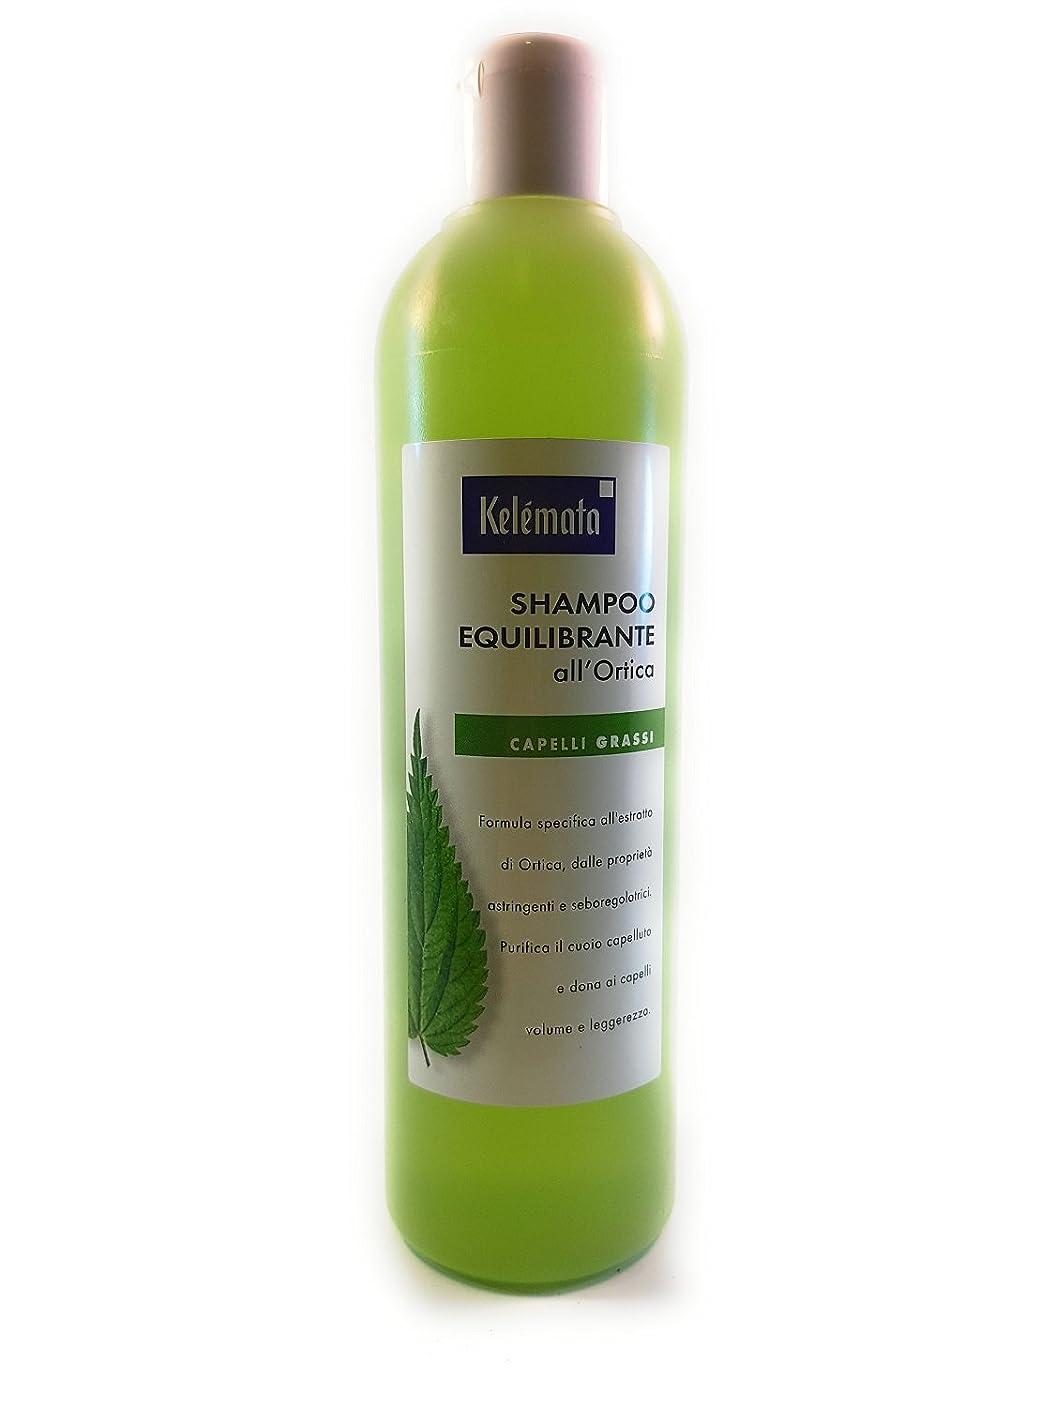 イラクサ針にケレマタバランシングシャンプー、透明 - 250 ml